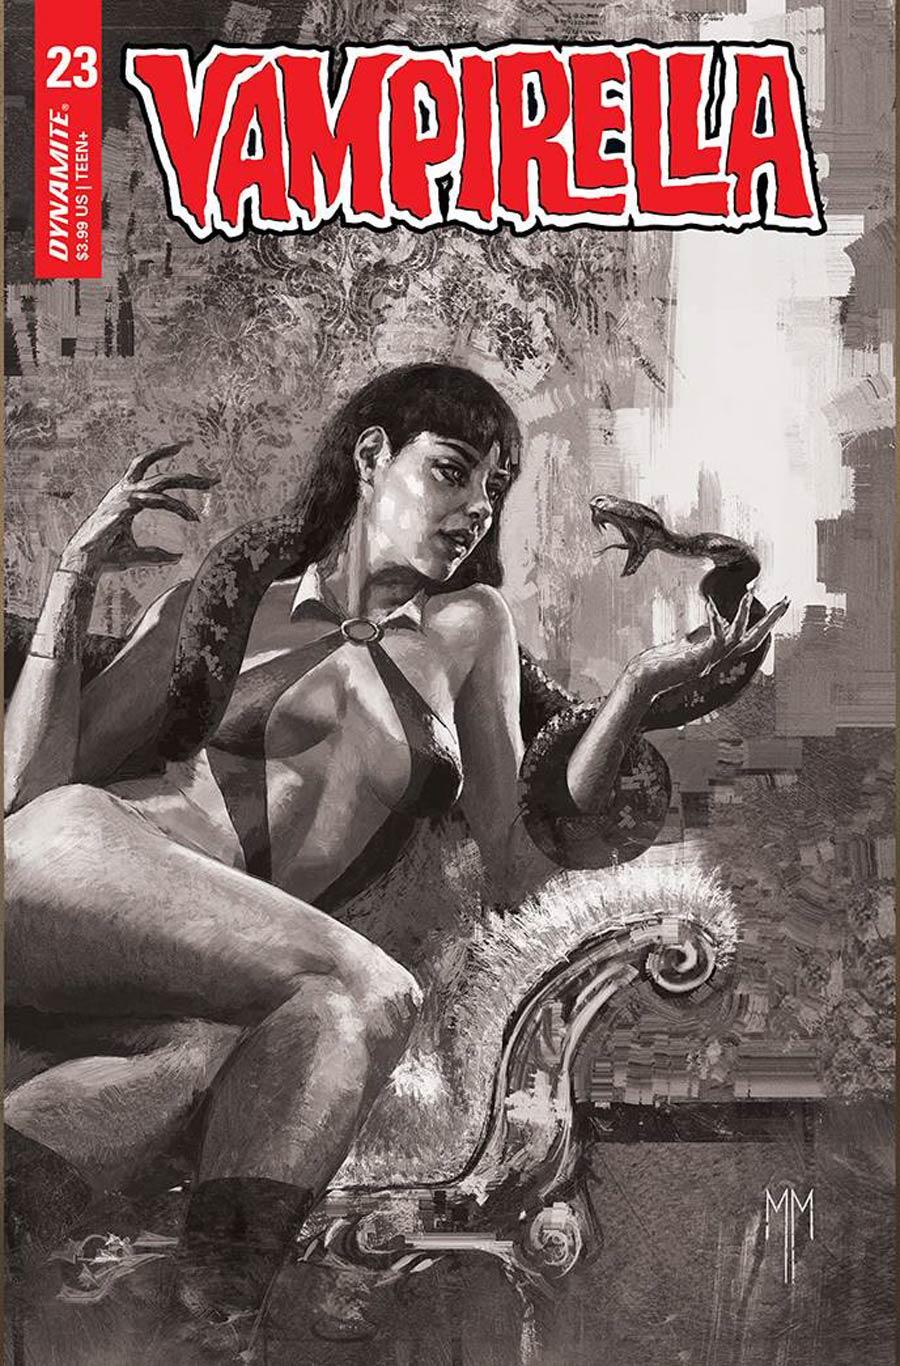 Vampirella Vol 8 #23 Cover J Incentive Marco Mastrazzo Black & White Cover